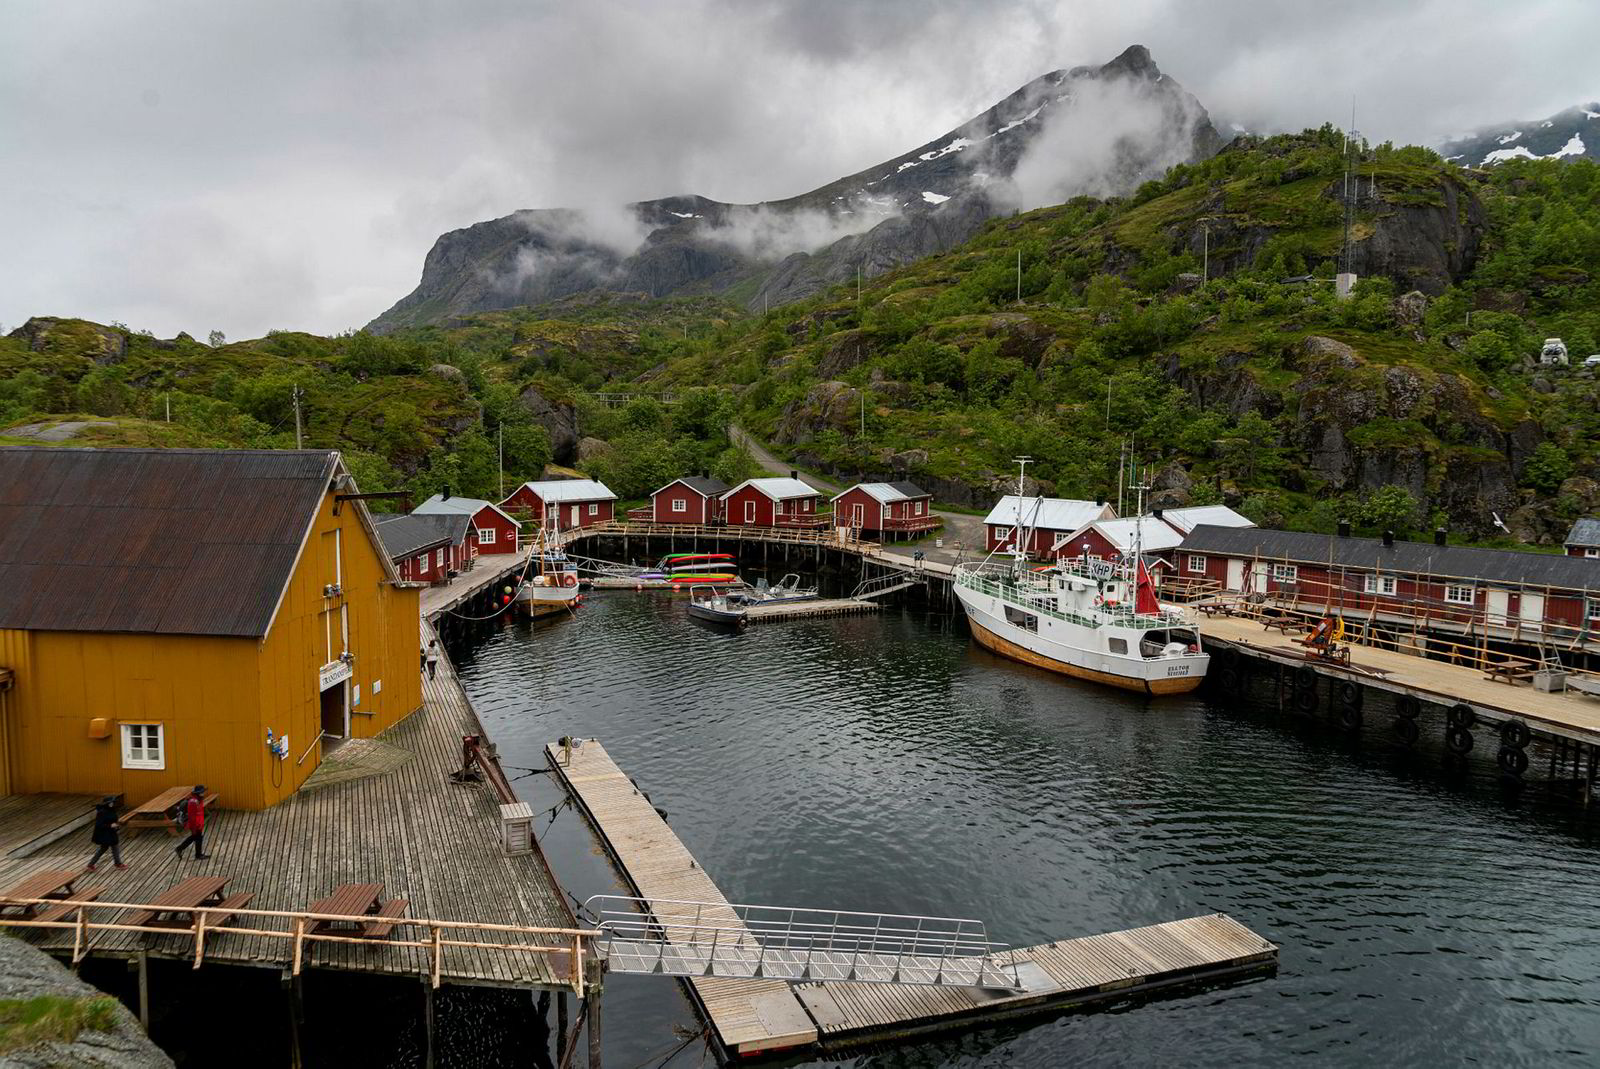 I år kan det kun komme to busslaster om dagen til Nusfjord, fiskeværet med 30 fastboende.